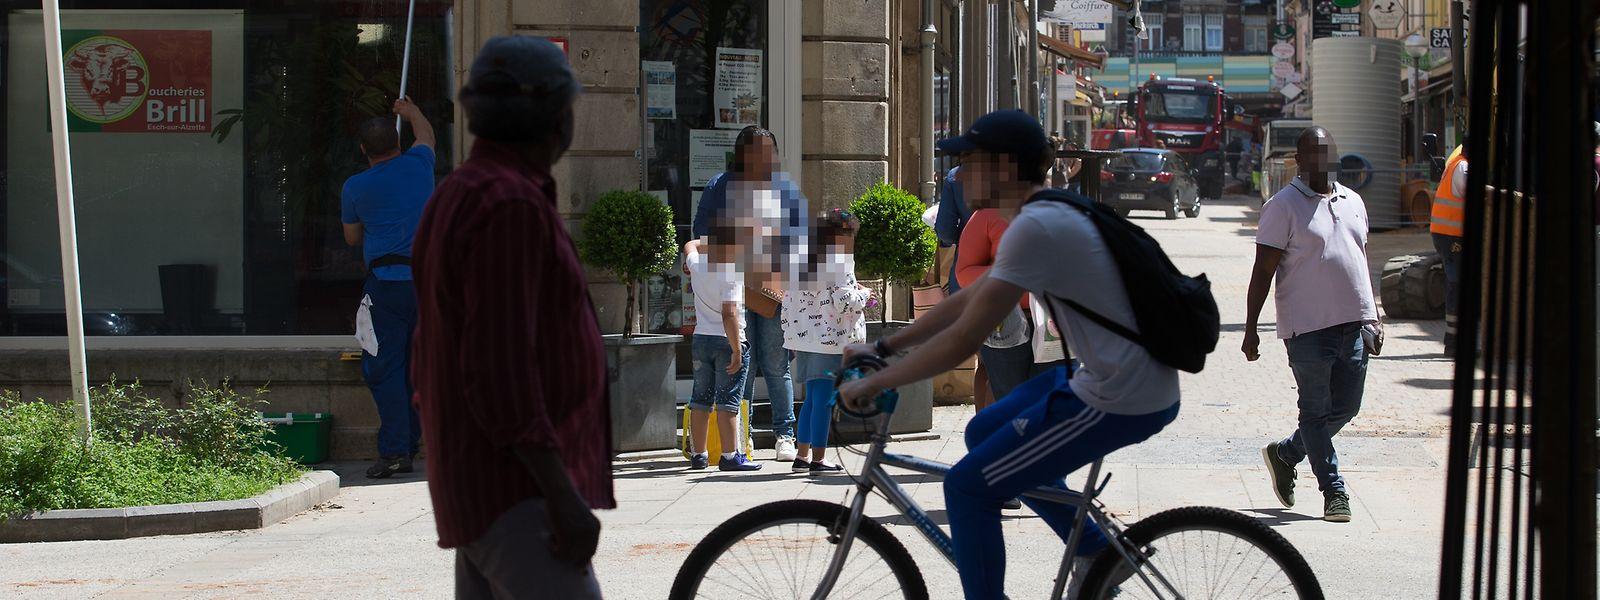 A perseguição entre os grupos parou na rue du Brill, em Esch.